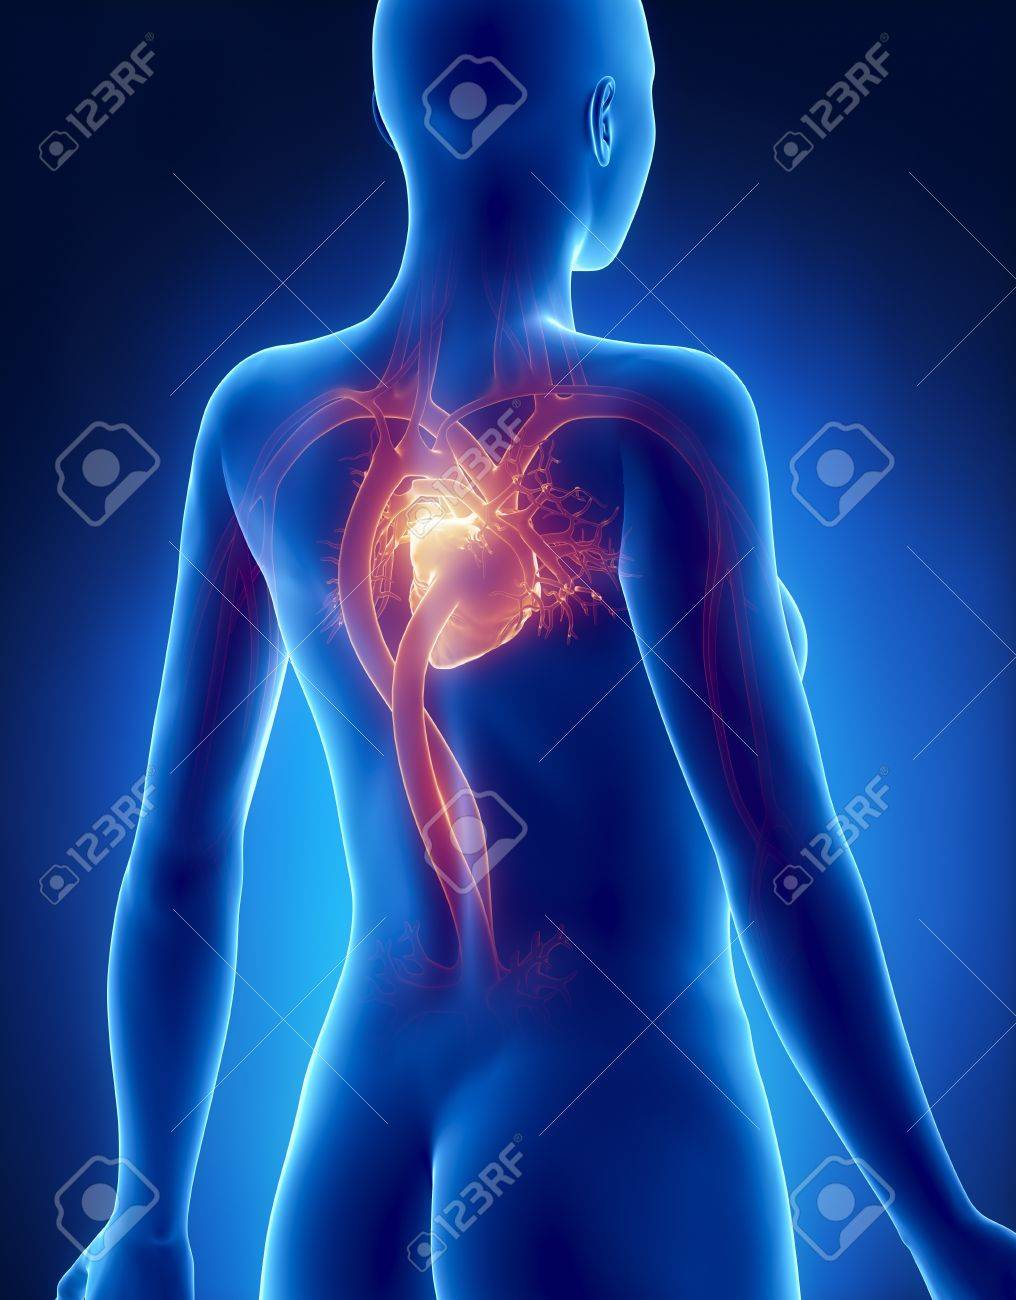 Weibliche Herz Anatomie X-ray Rückansicht Lizenzfreie Fotos, Bilder ...